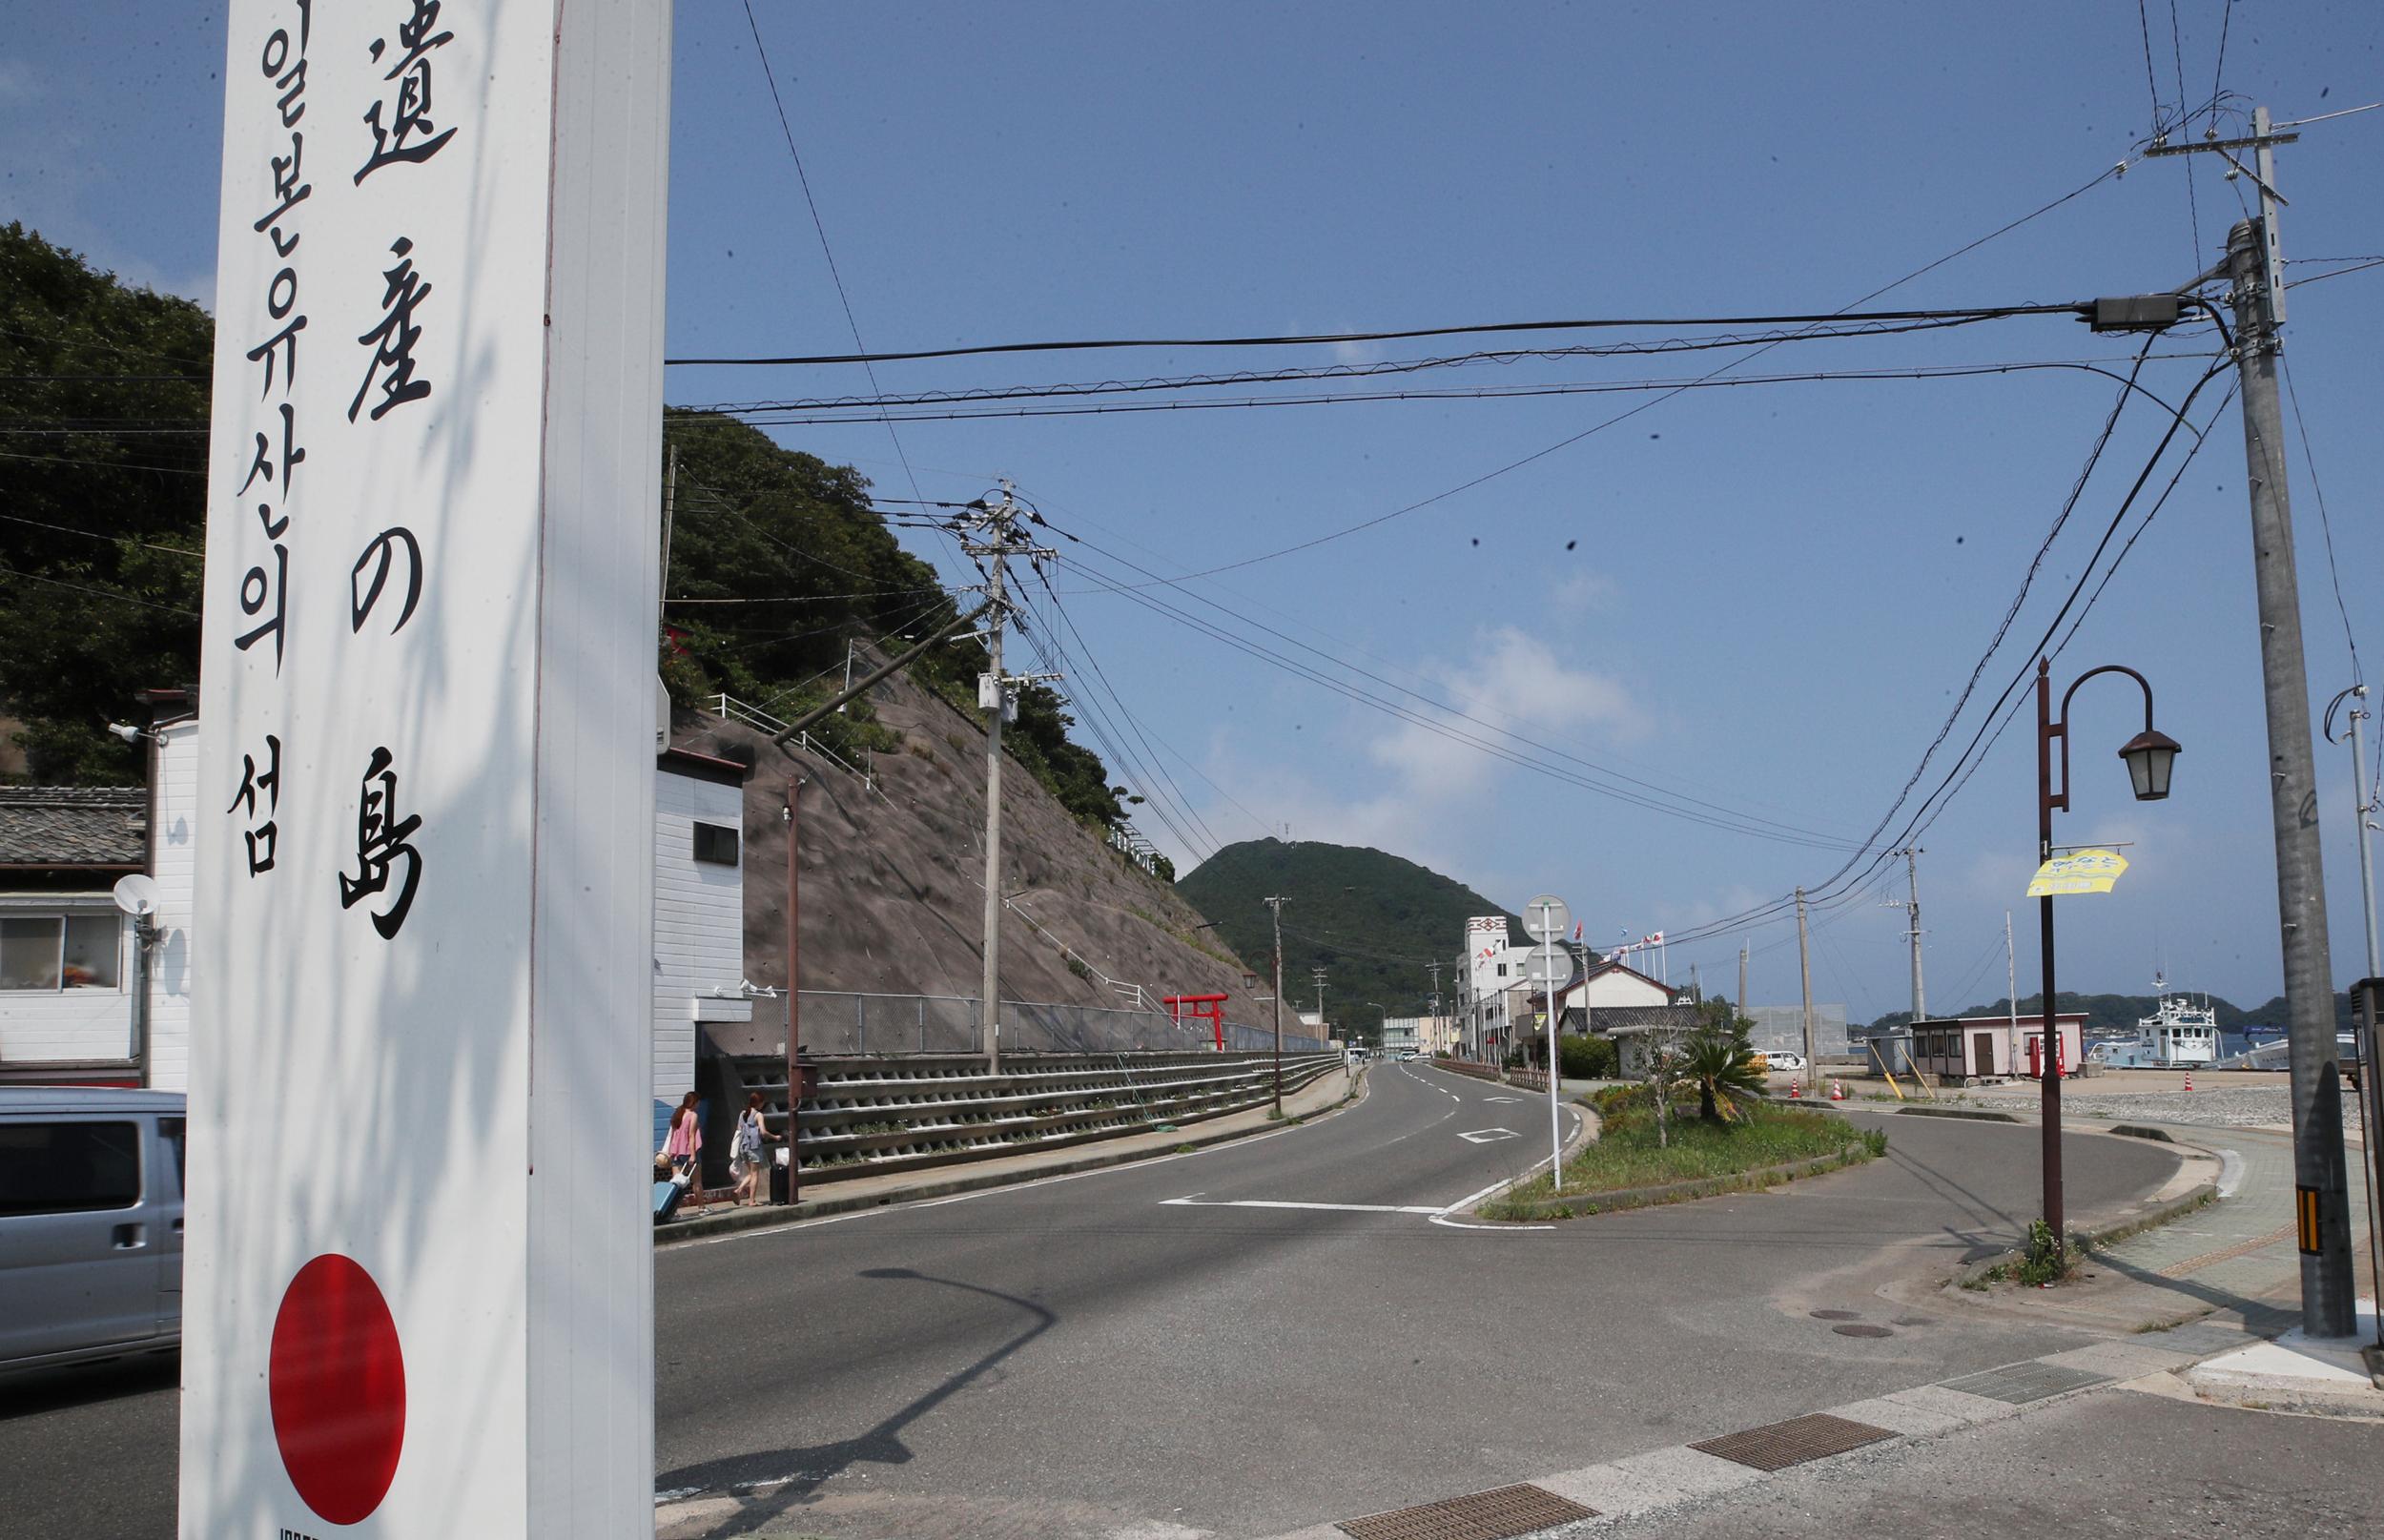 일본 불매 운동으로 썰렁한 대마도 거리